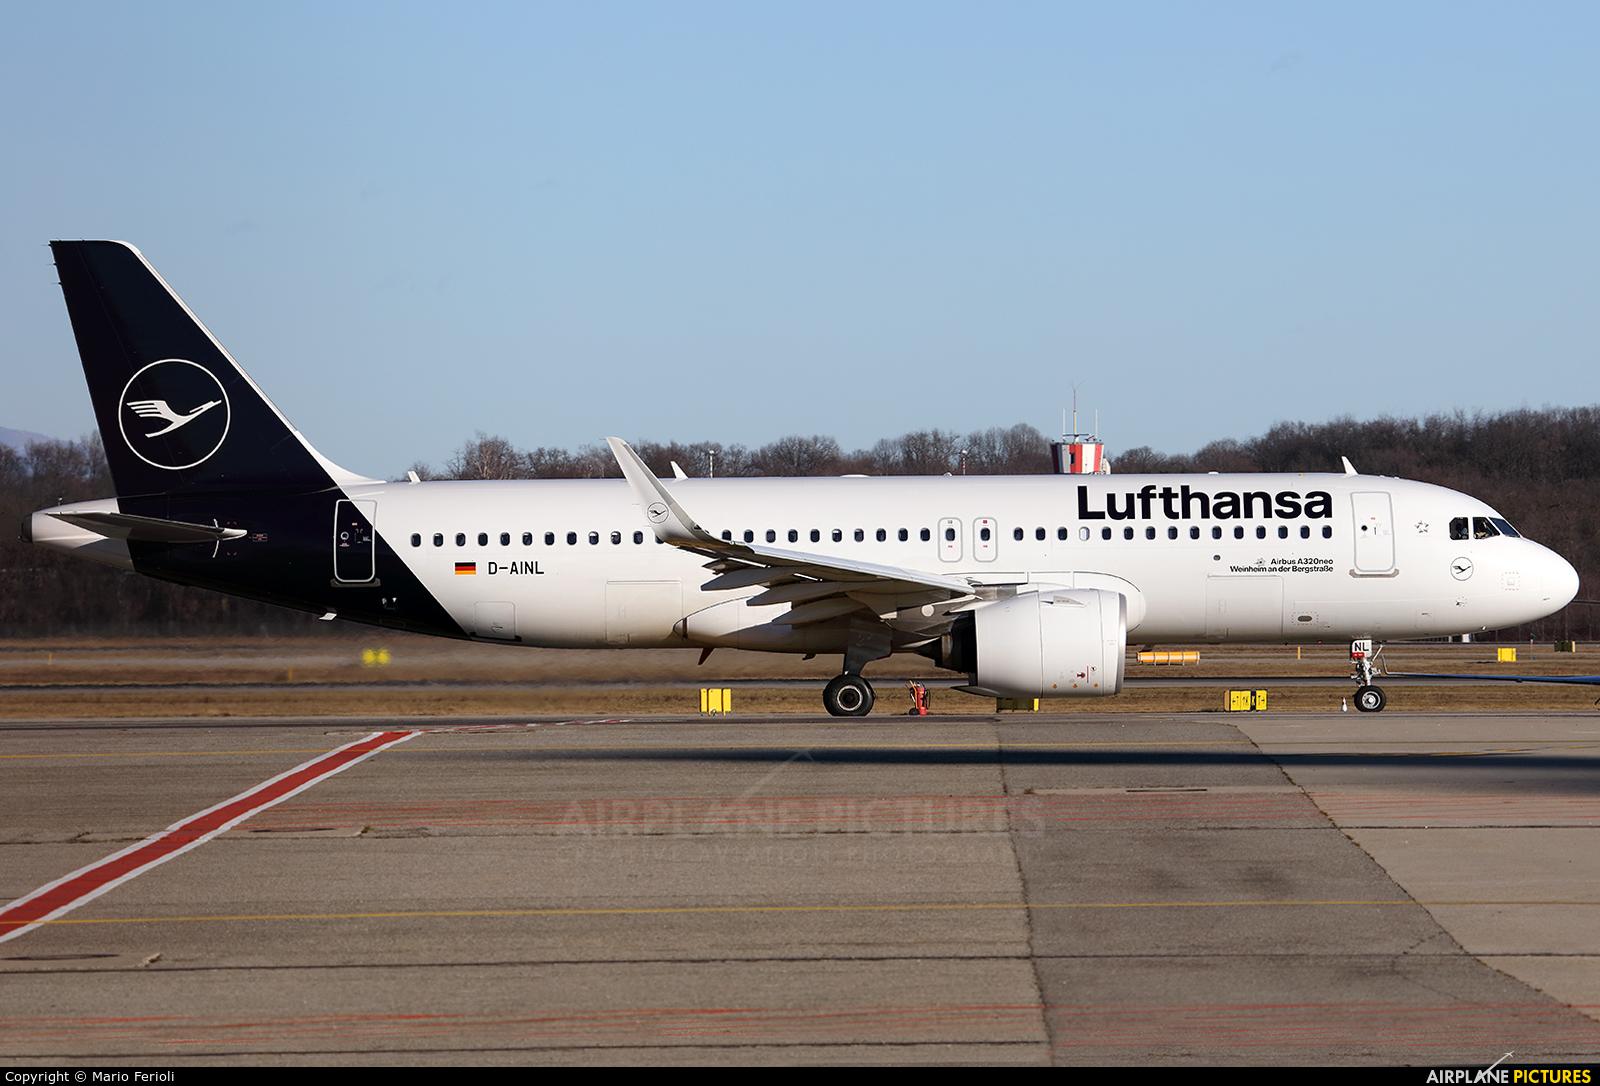 Lufthansa D-AINL aircraft at Milan - Malpensa